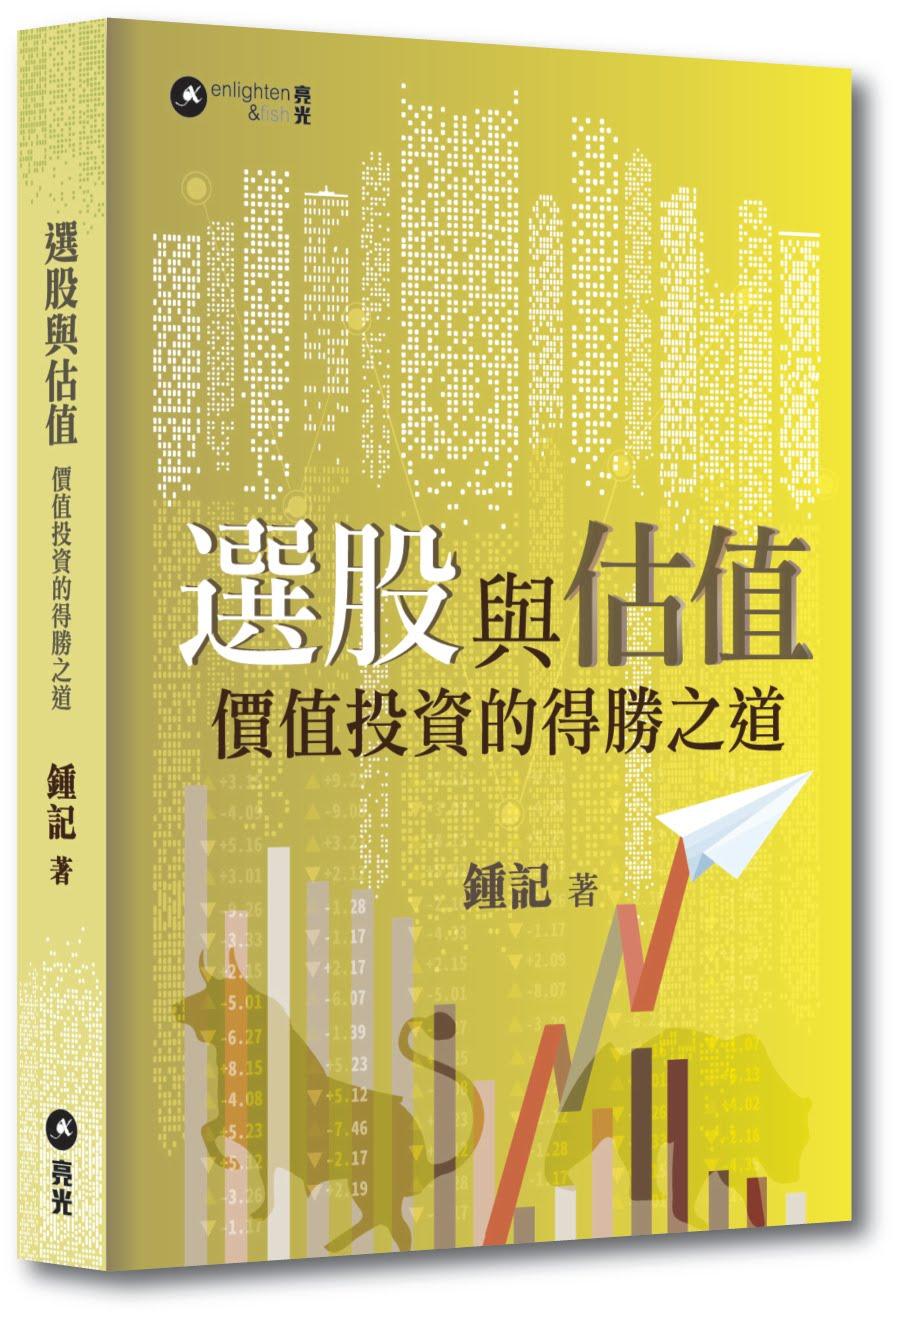 《選股與估值》入選誠品香港「2017年度TOP 100 暢銷書榜」、商務印書館「2017年度暢銷書」,並已印第四版,感謝大家捧場!